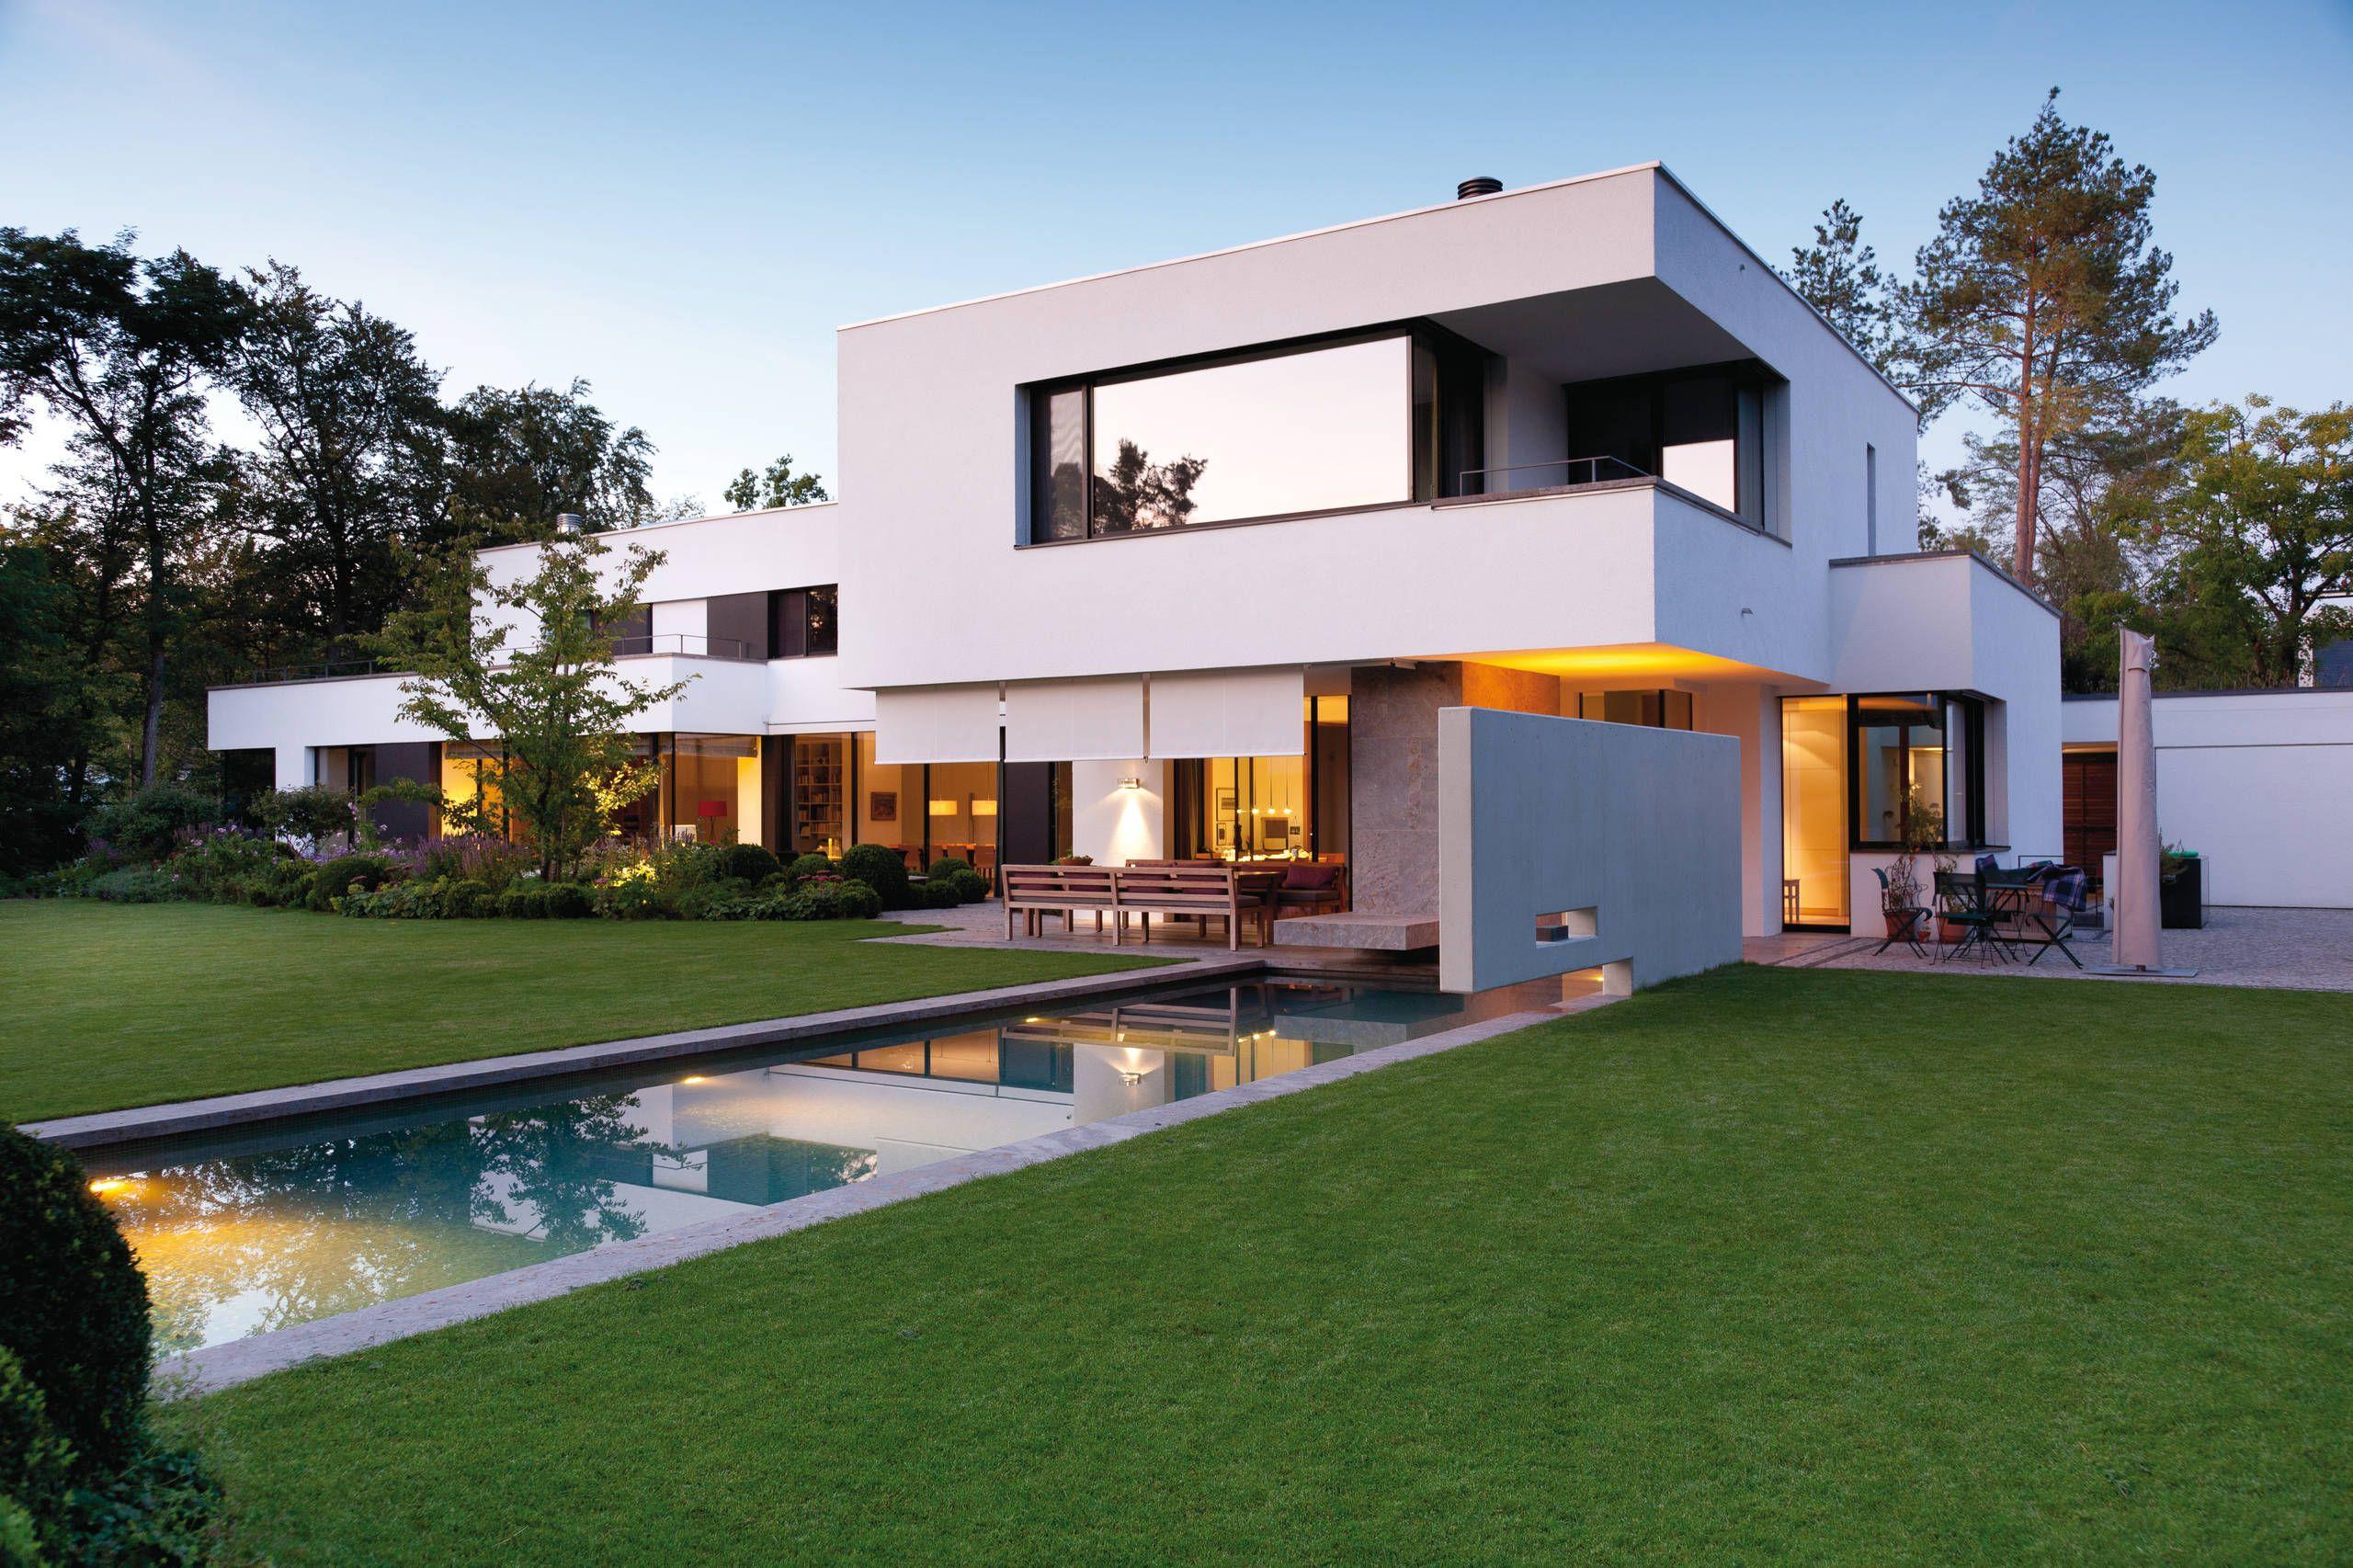 Fachadas modernas de casas de dos pisos descubre cmo conseguir una